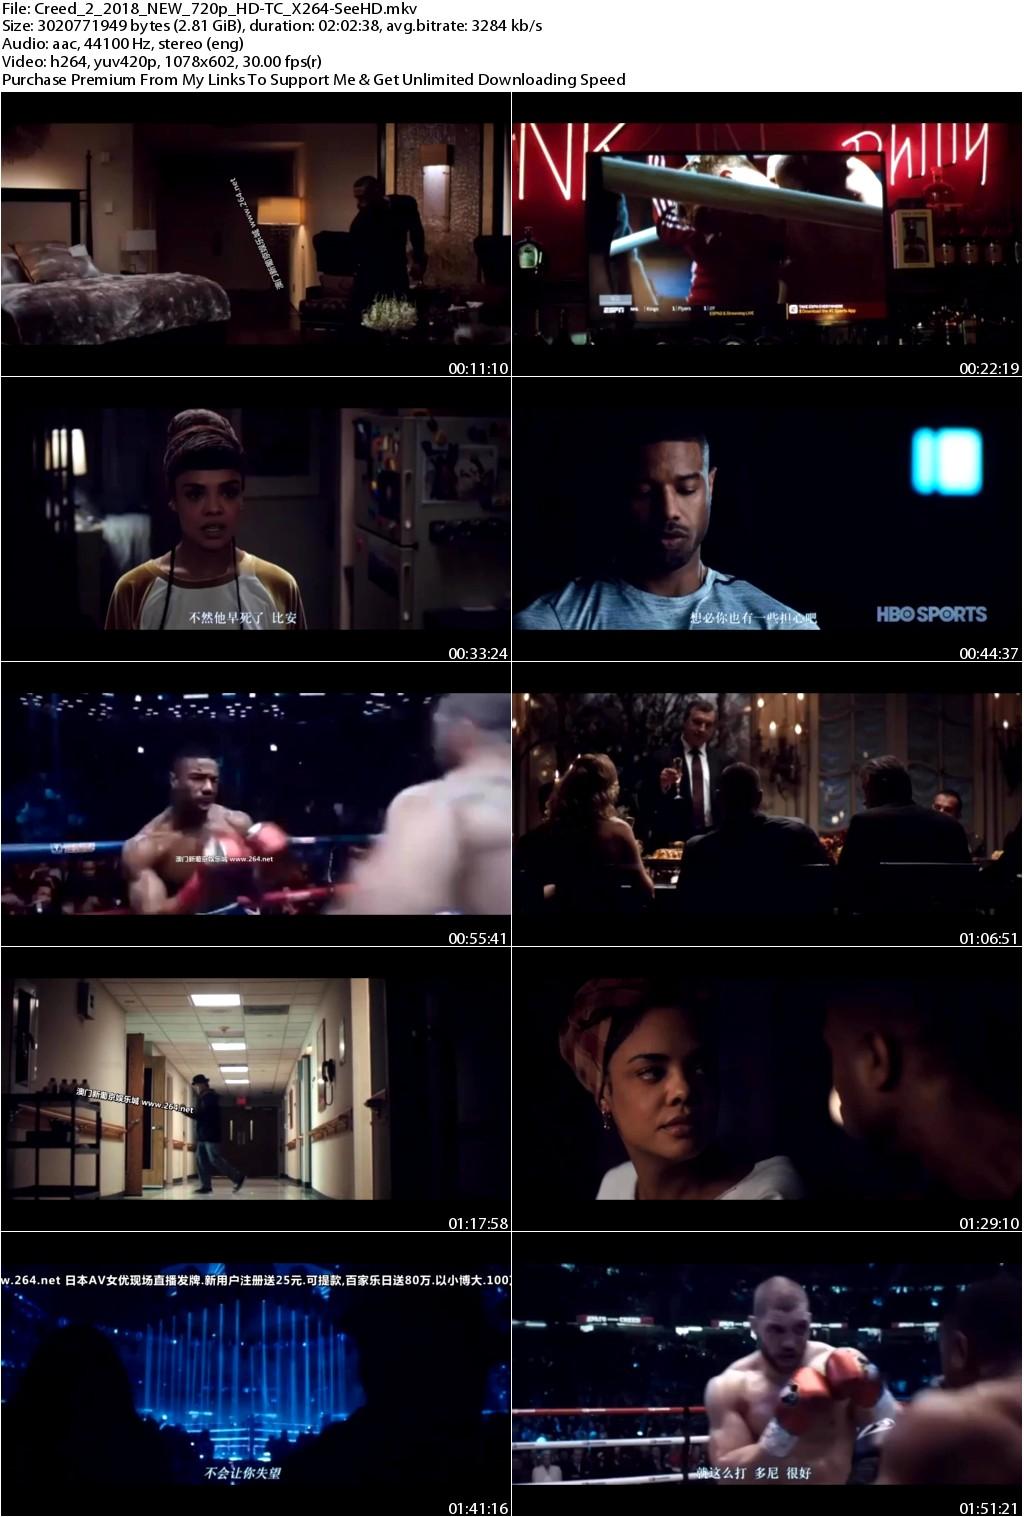 Creed 2 (2018) NEW 720p HD-TC X264-SeeHD